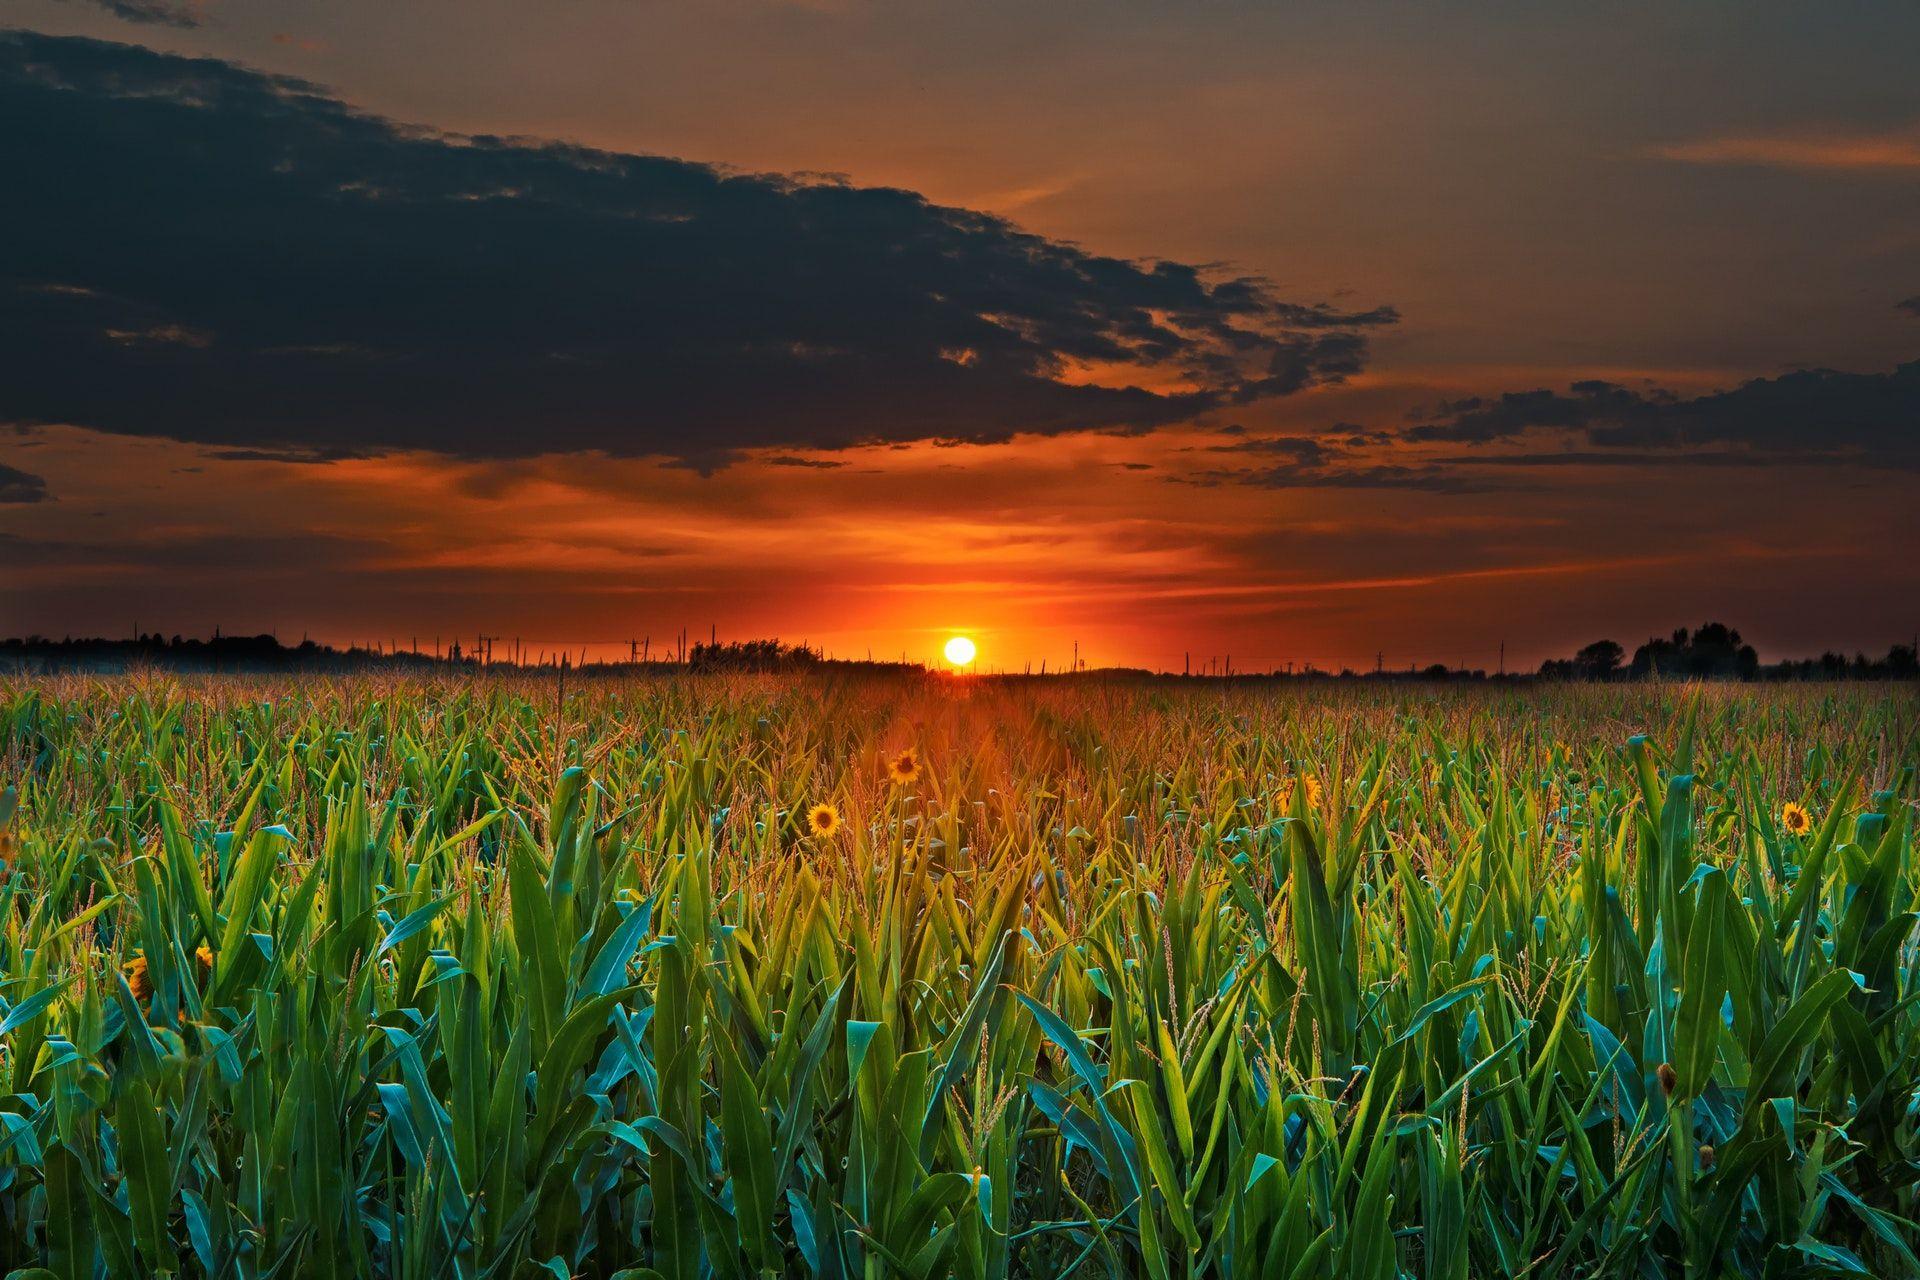 عکس زمینه مزرعه و غروب خورشید پس زمینه